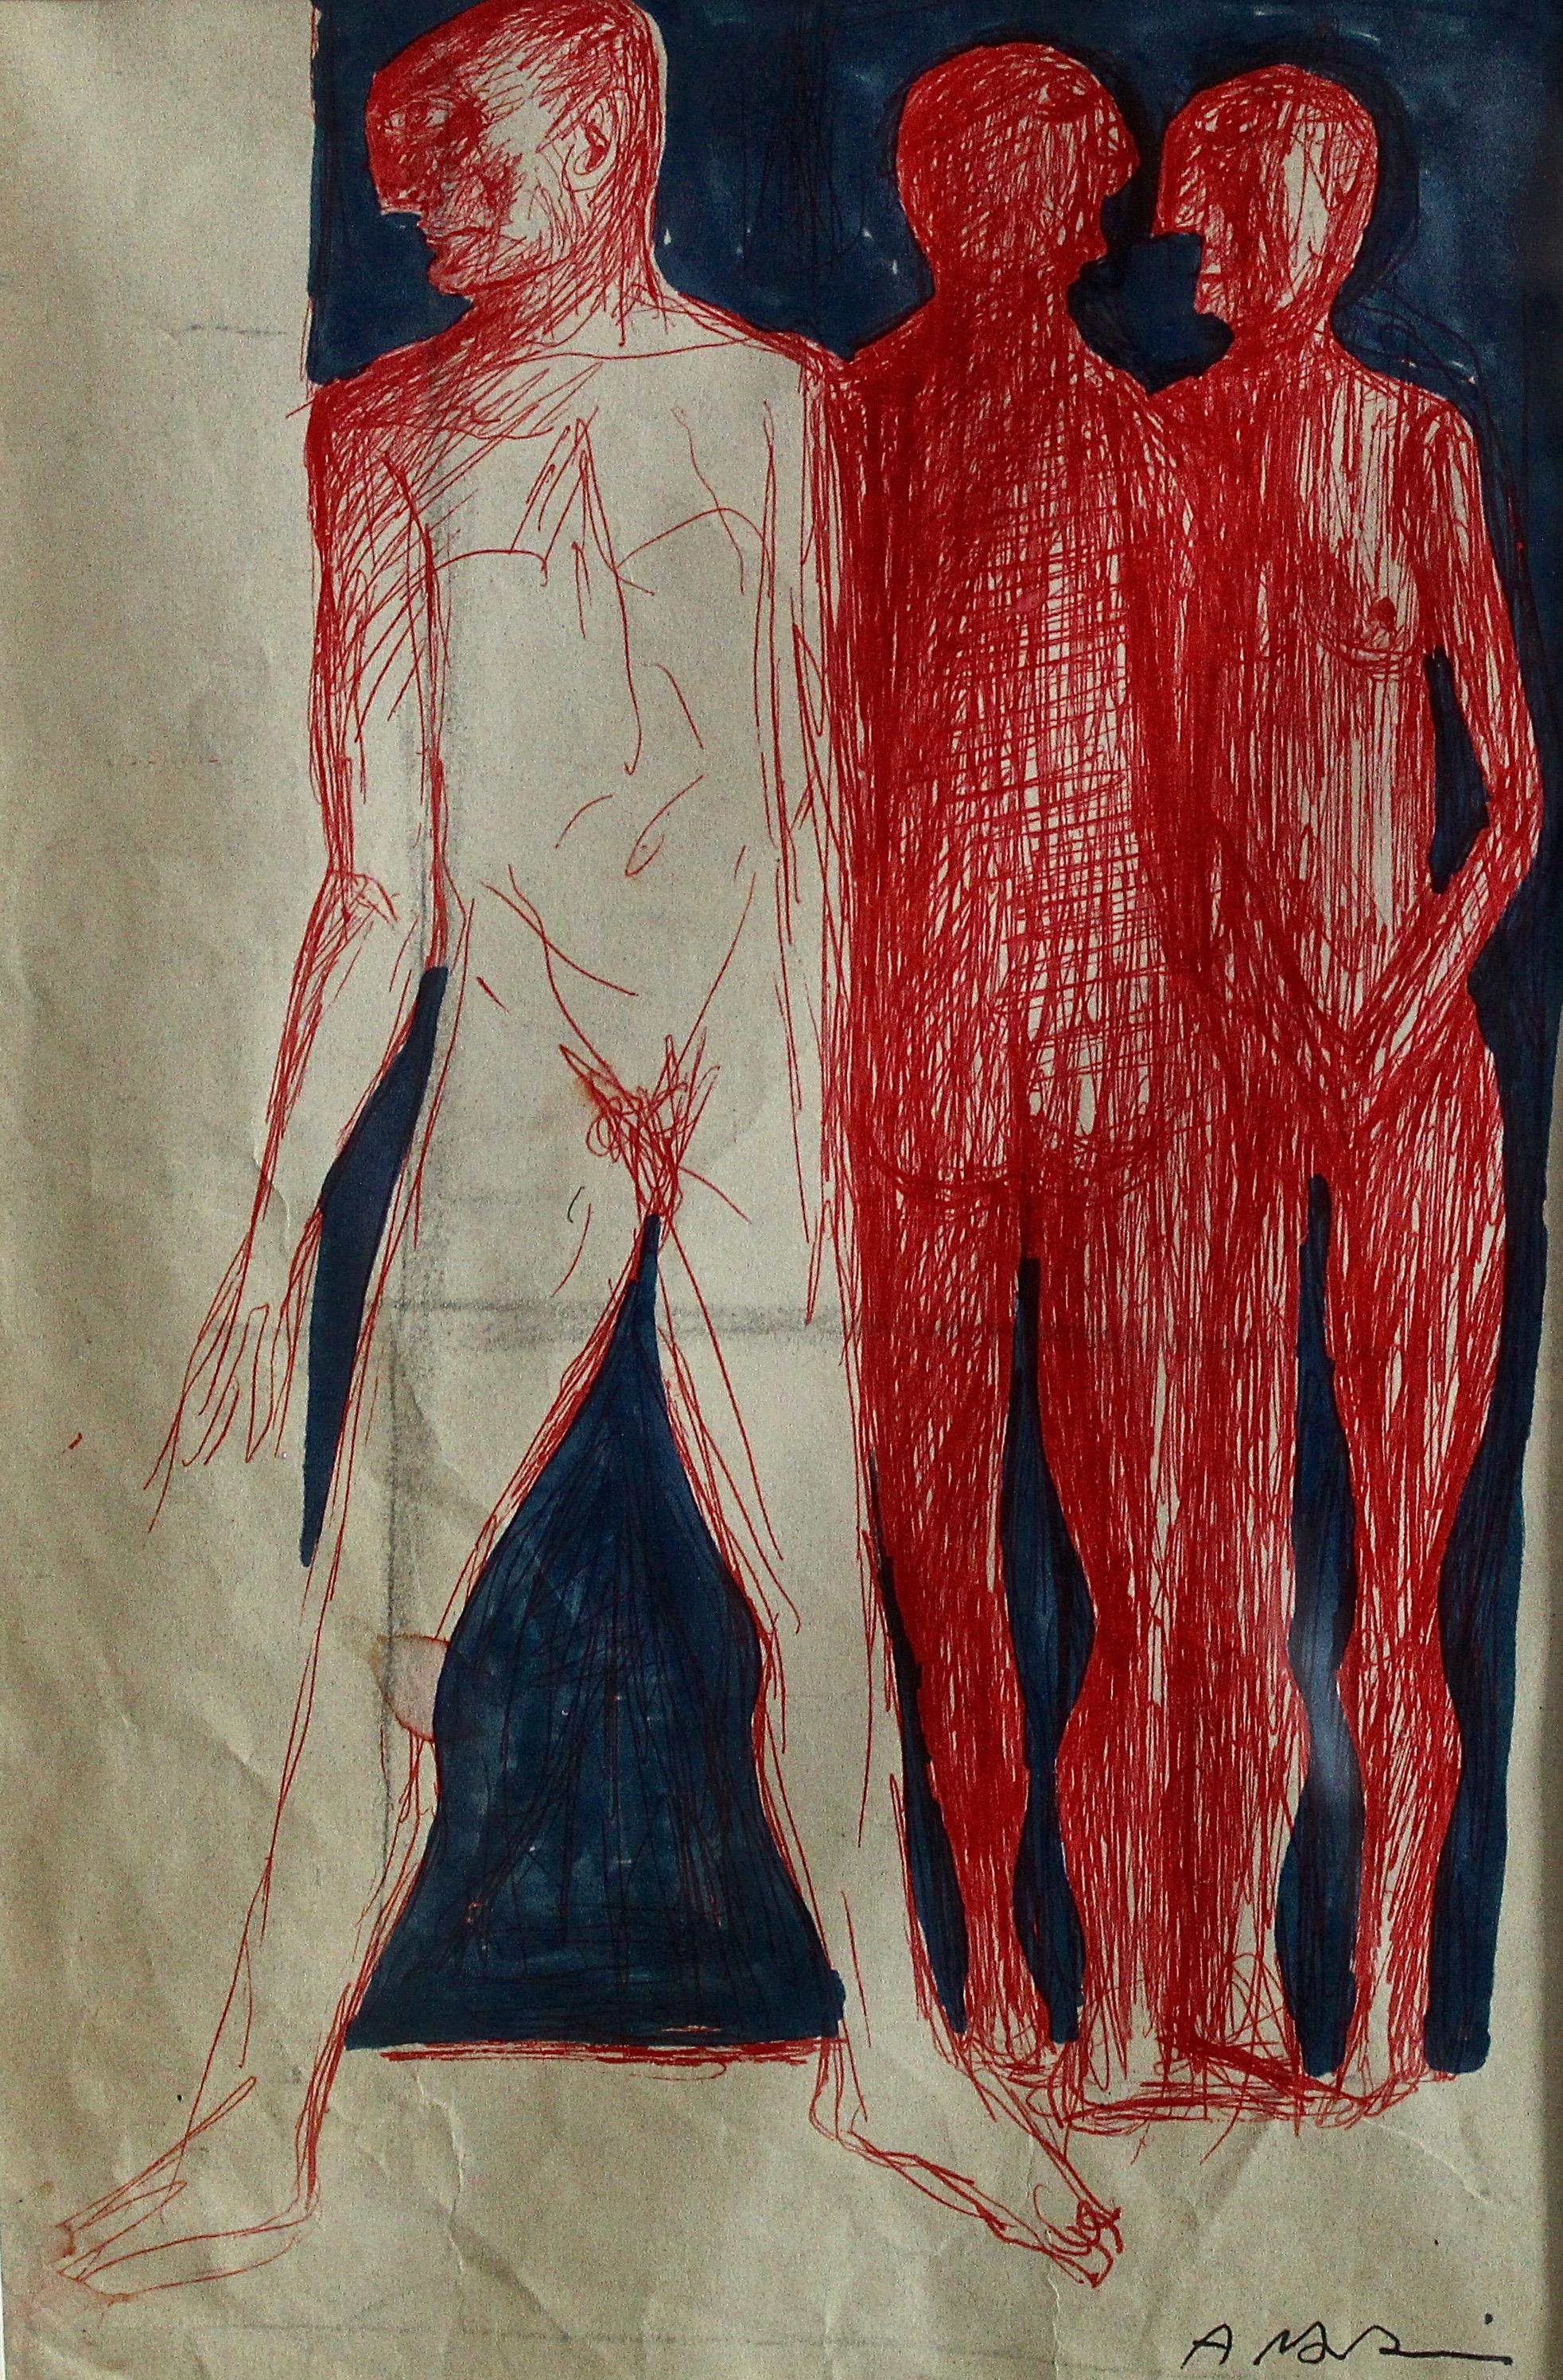 Ahmed_Morsi_(Cairo)_Drawings35.jpg